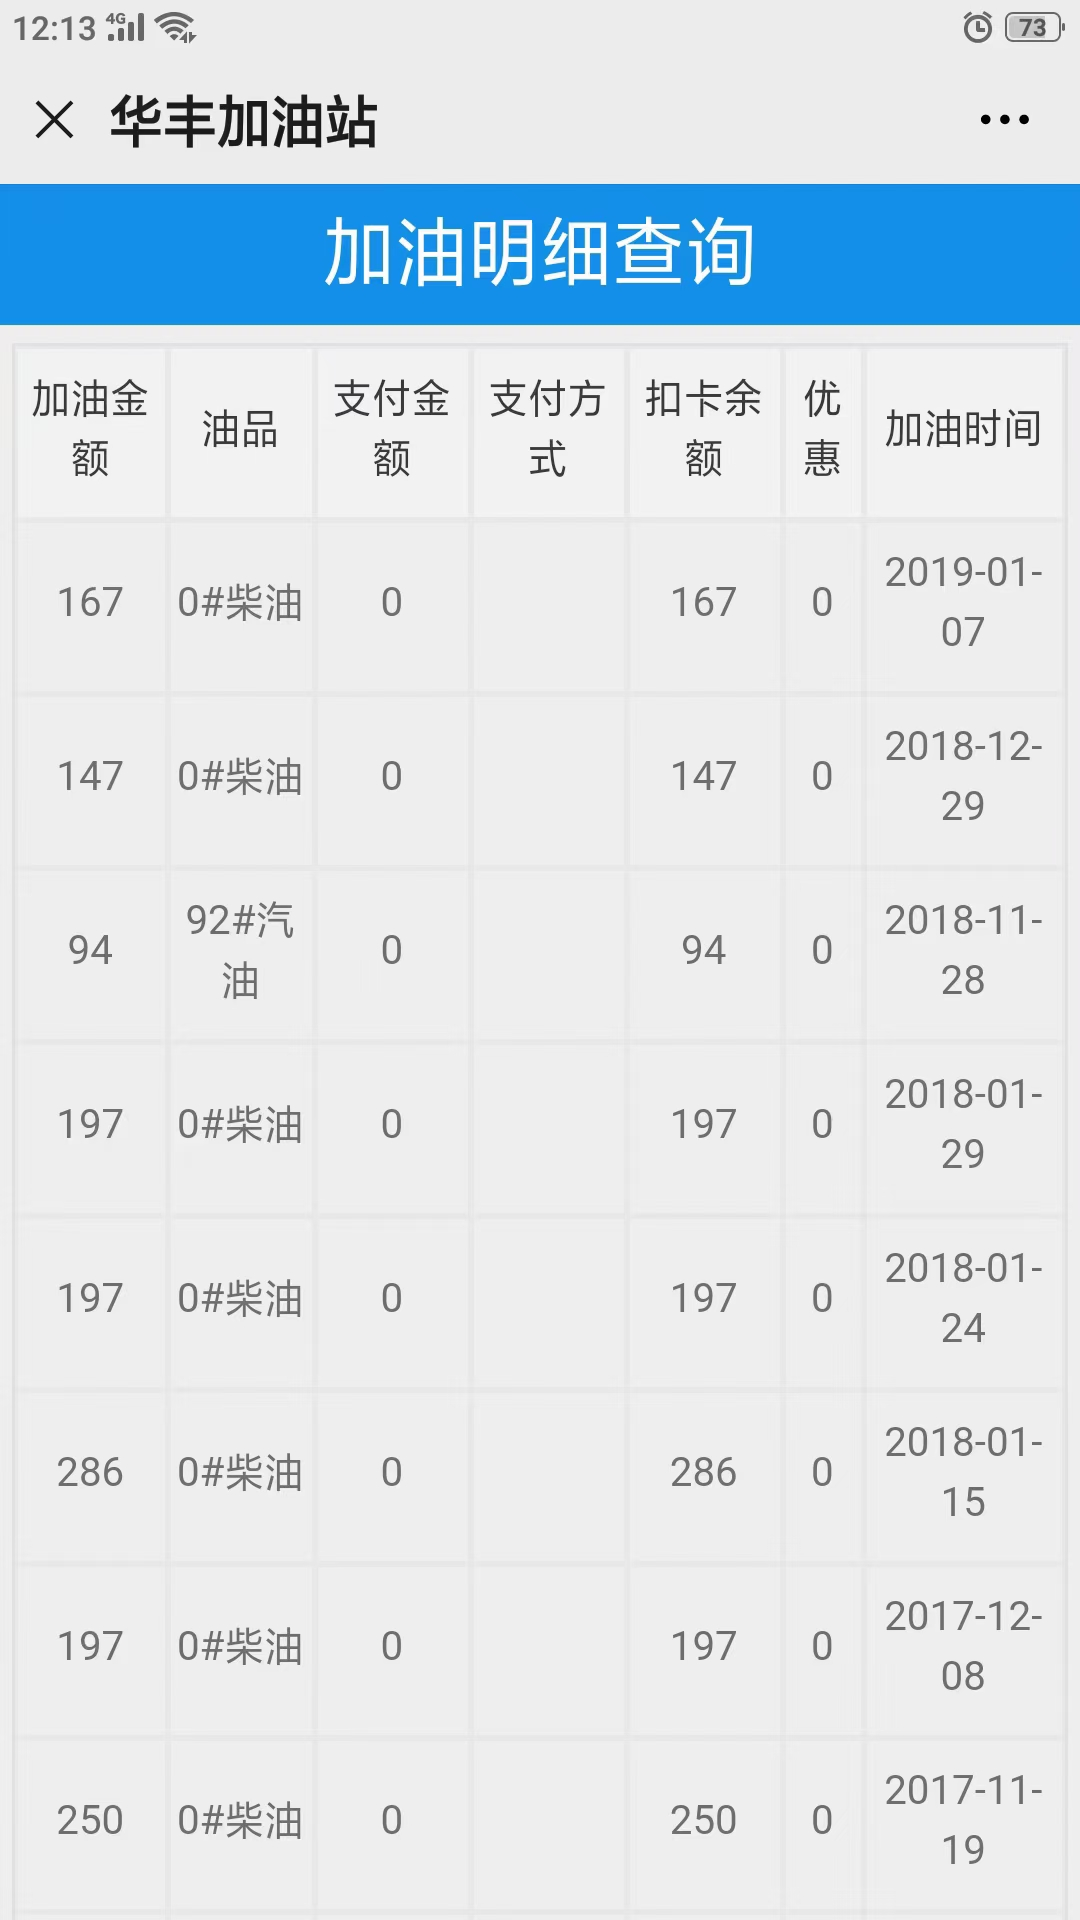 旭荣加气站会员管理软件截图